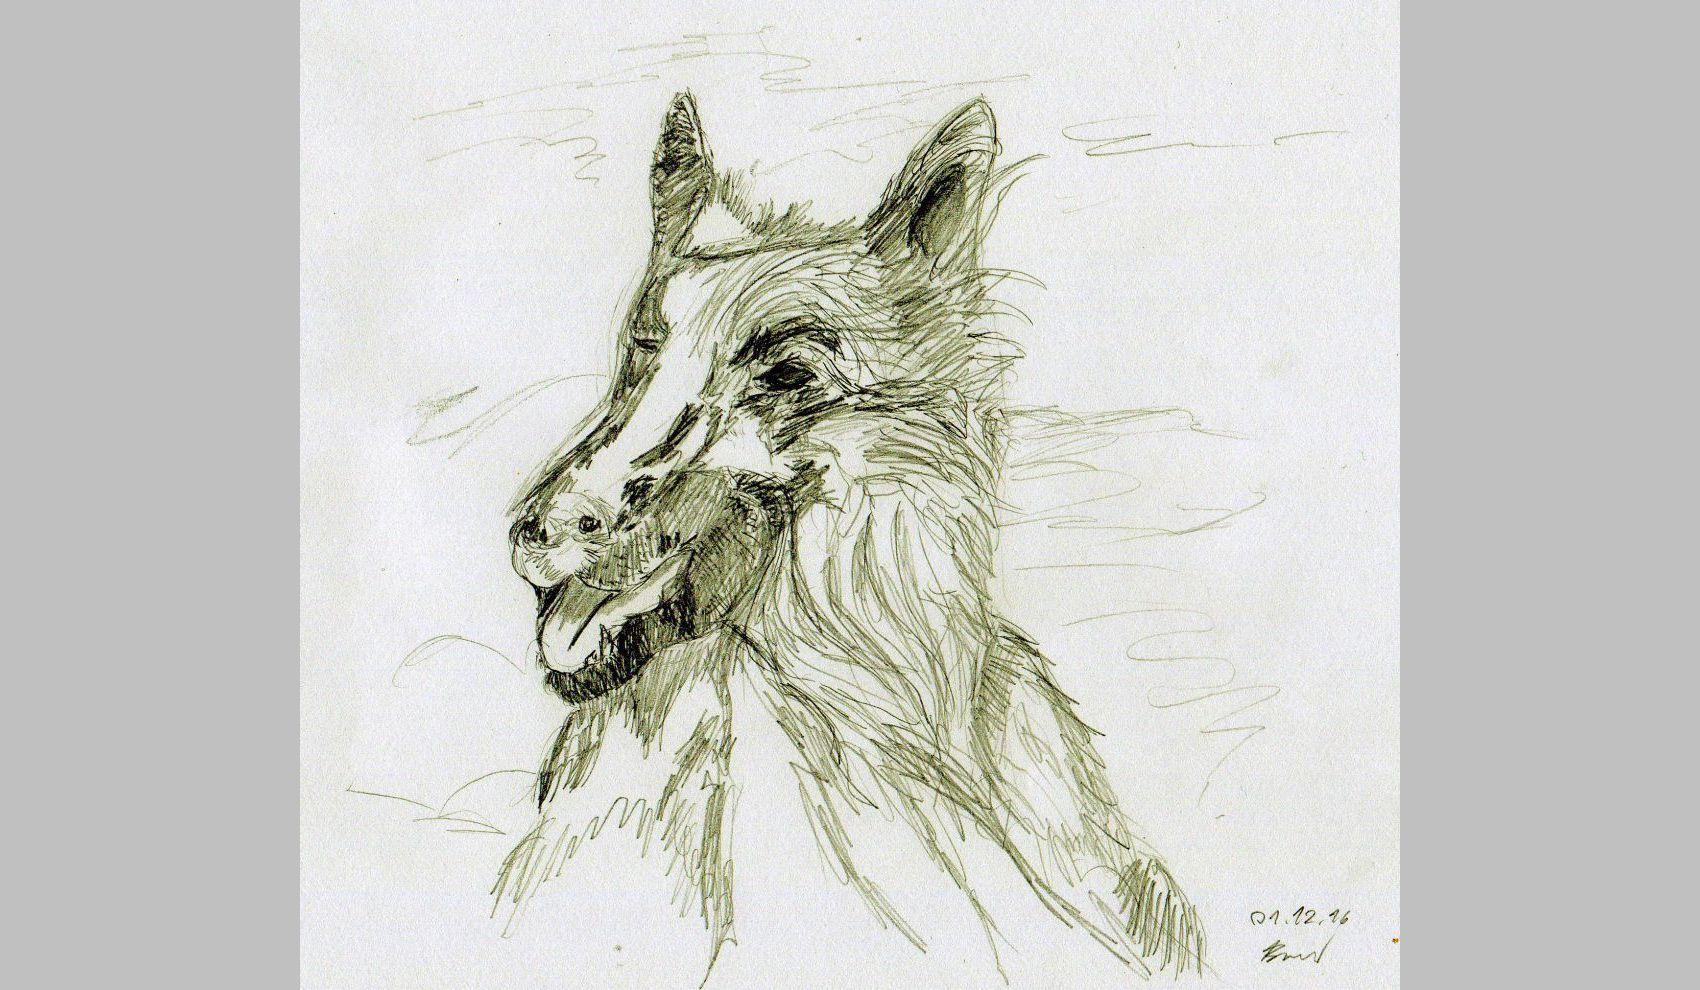 Hund (01.12.16 - 1, 21 x 29,7 cm, A4)